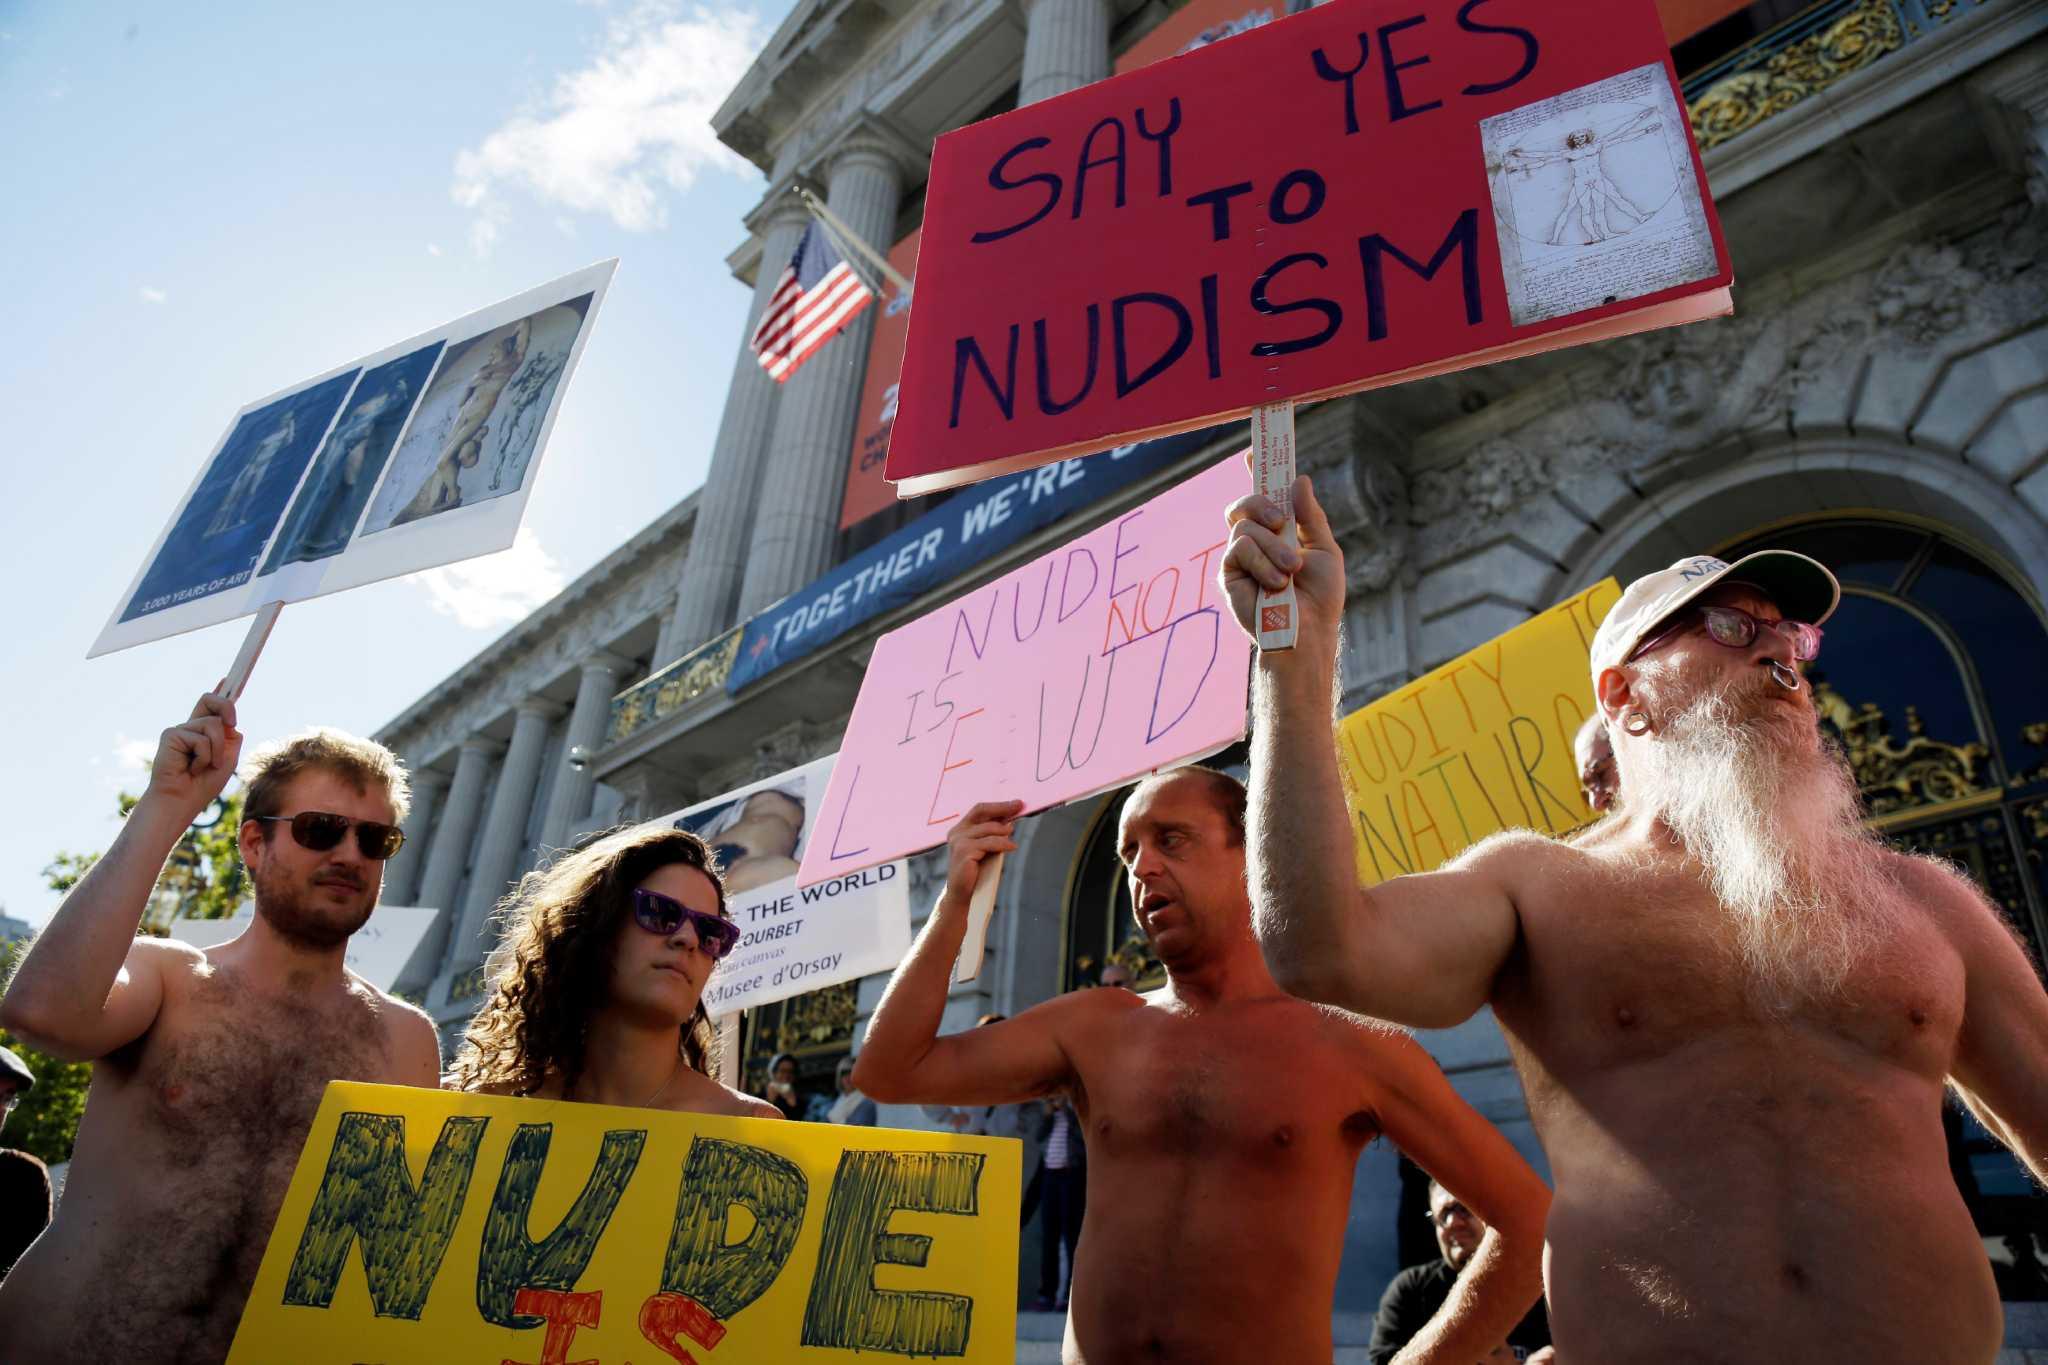 naked public nudity